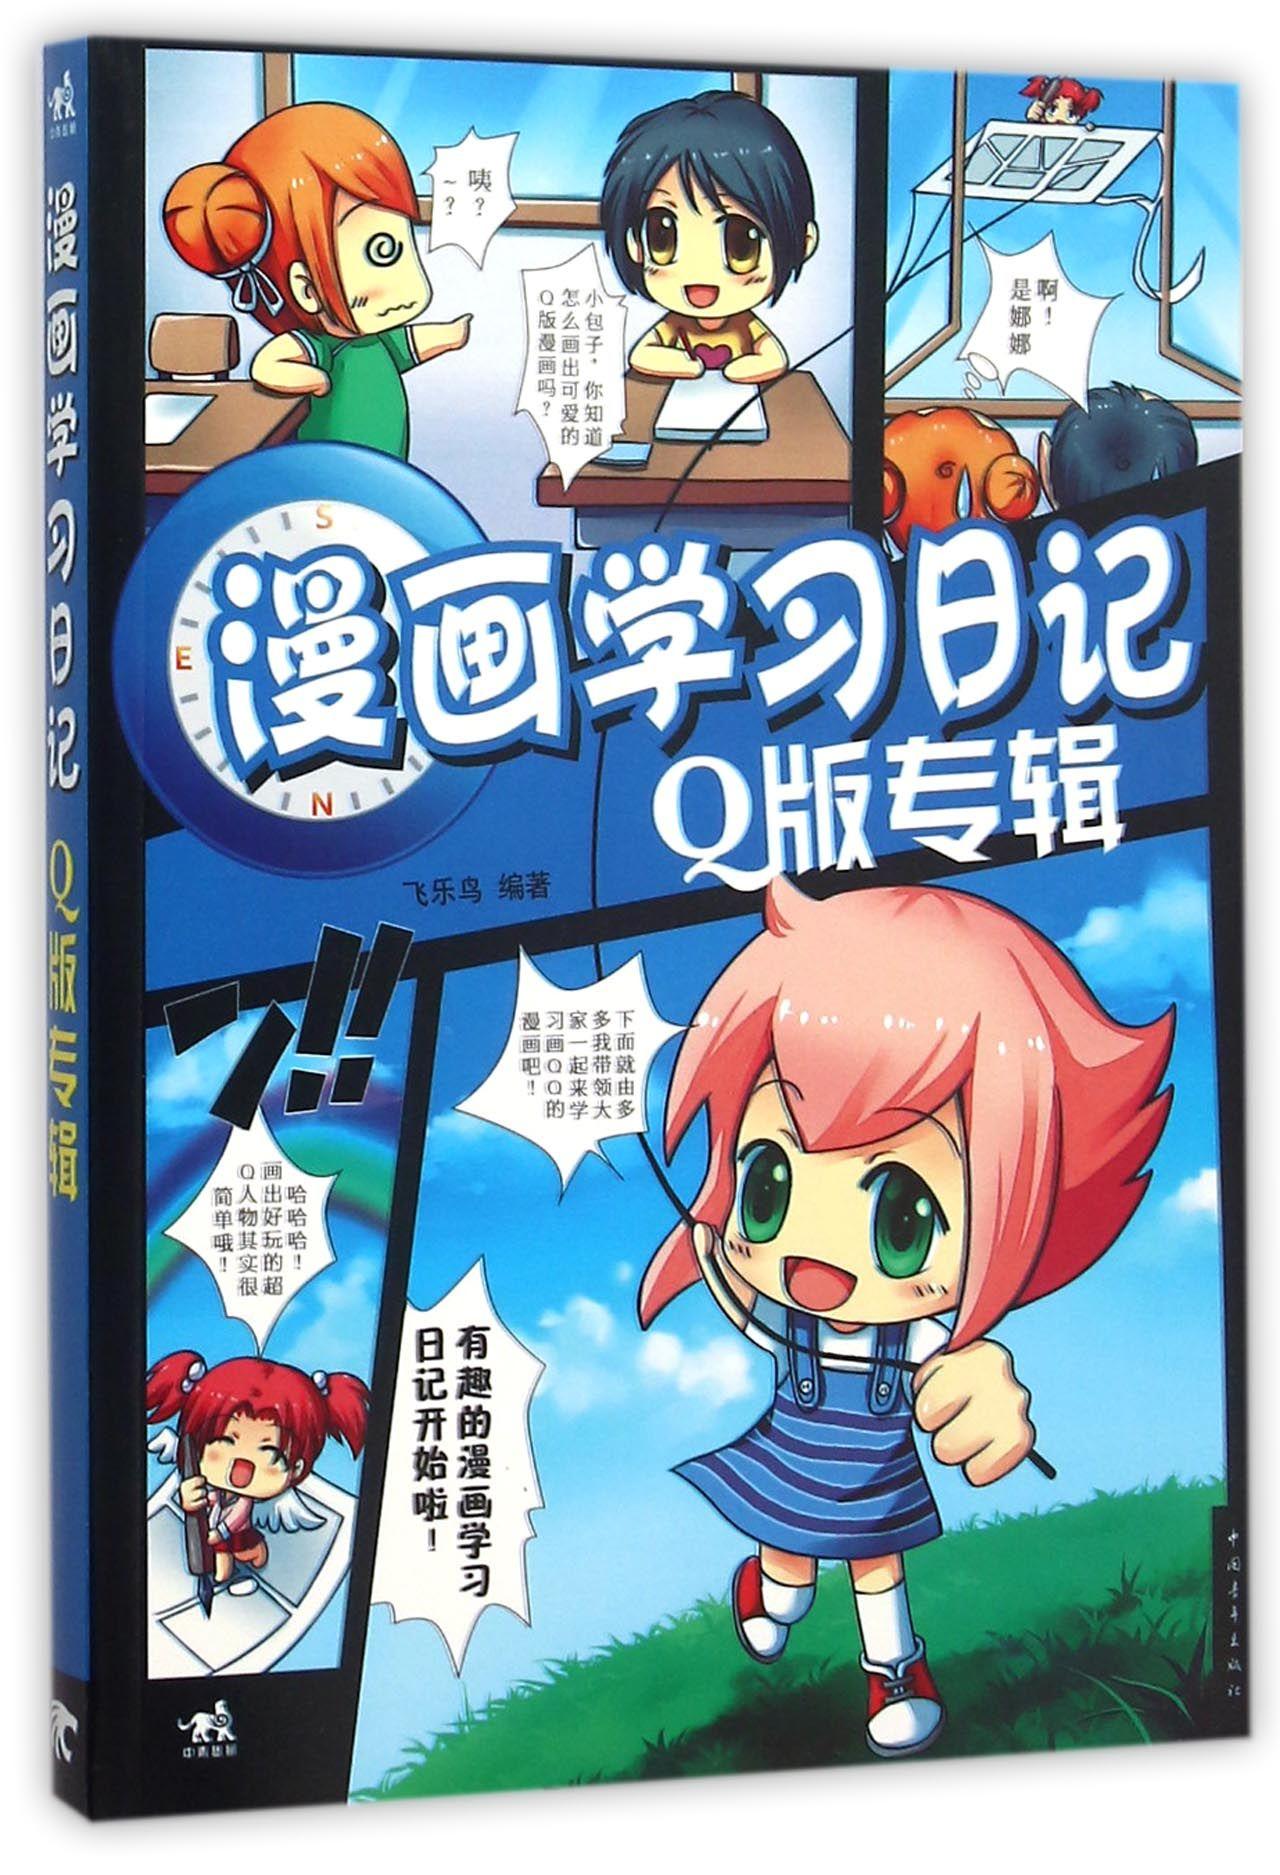 漫画学习日记(q版专辑)